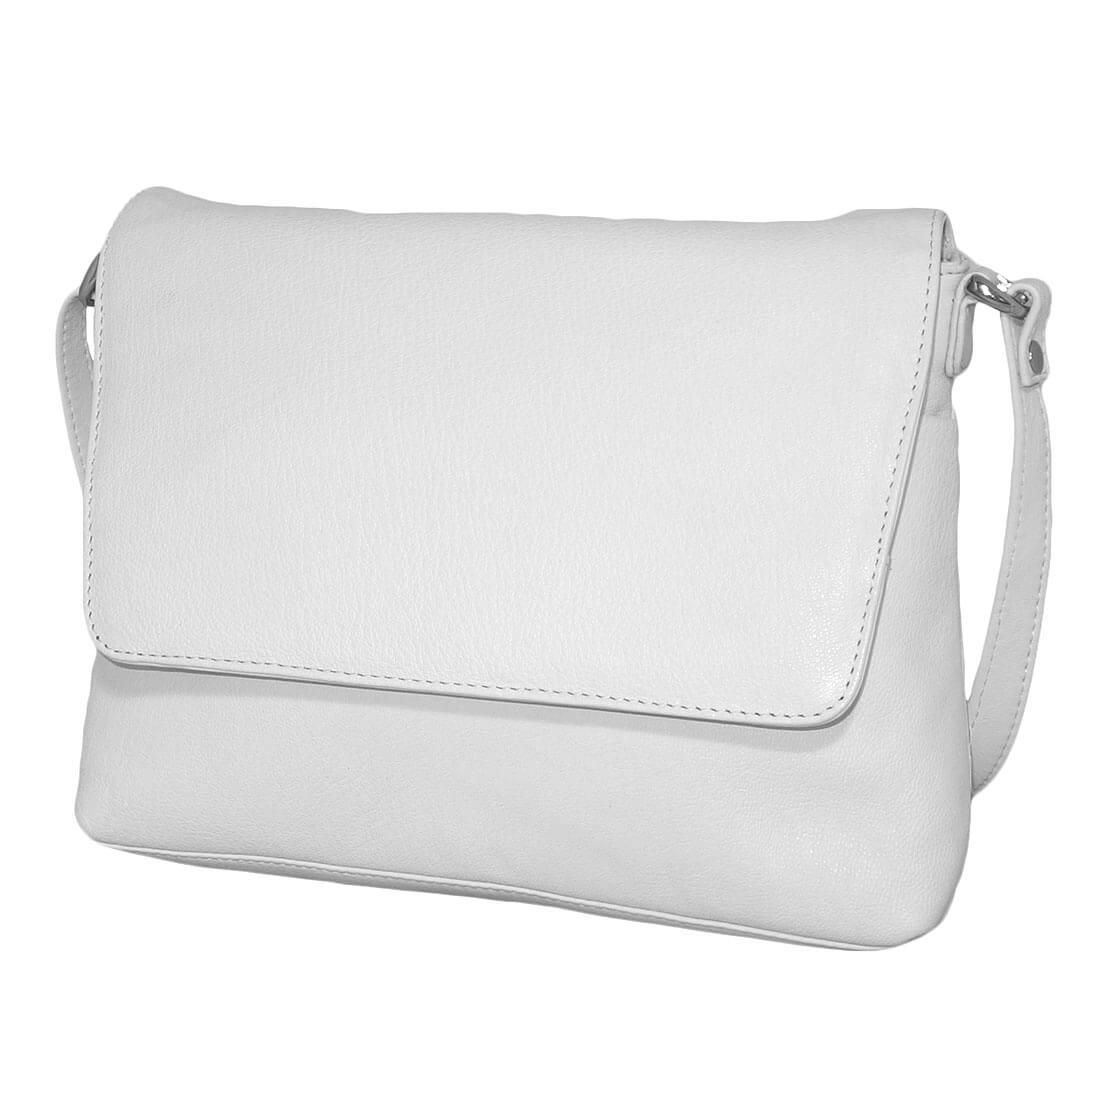 049f3073fa2 Prachtige echt leren schoudertas met overslag van Leather Design. Het leer  van de schoudertas voelt goed aan en is soepel.